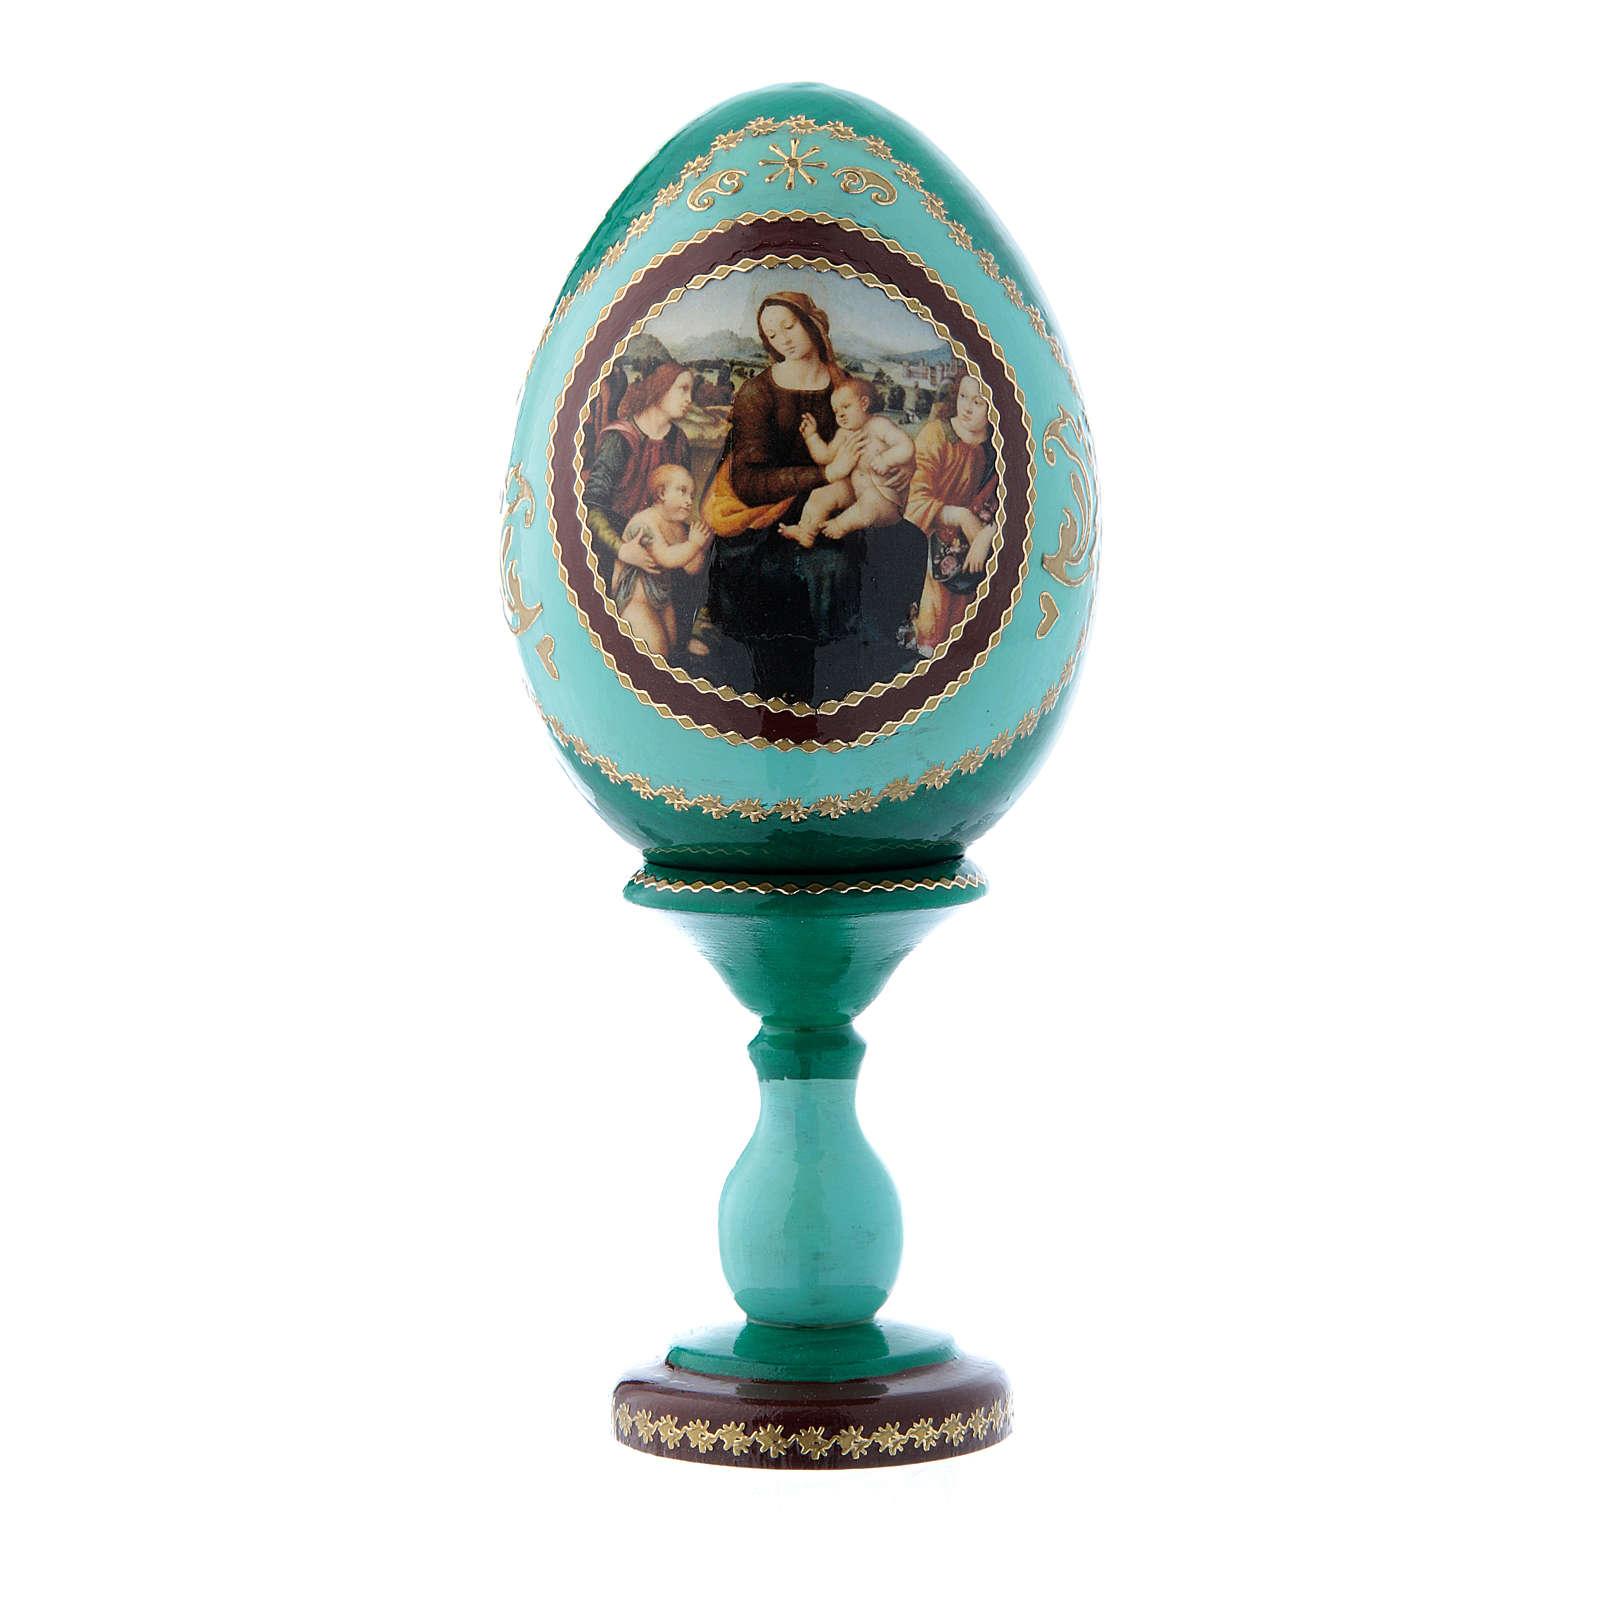 Oeuf icône russe style Fabergé vert Vierge à l'Enfant, Saint Jean-Baptiste et Anges h tot 16 cm 4